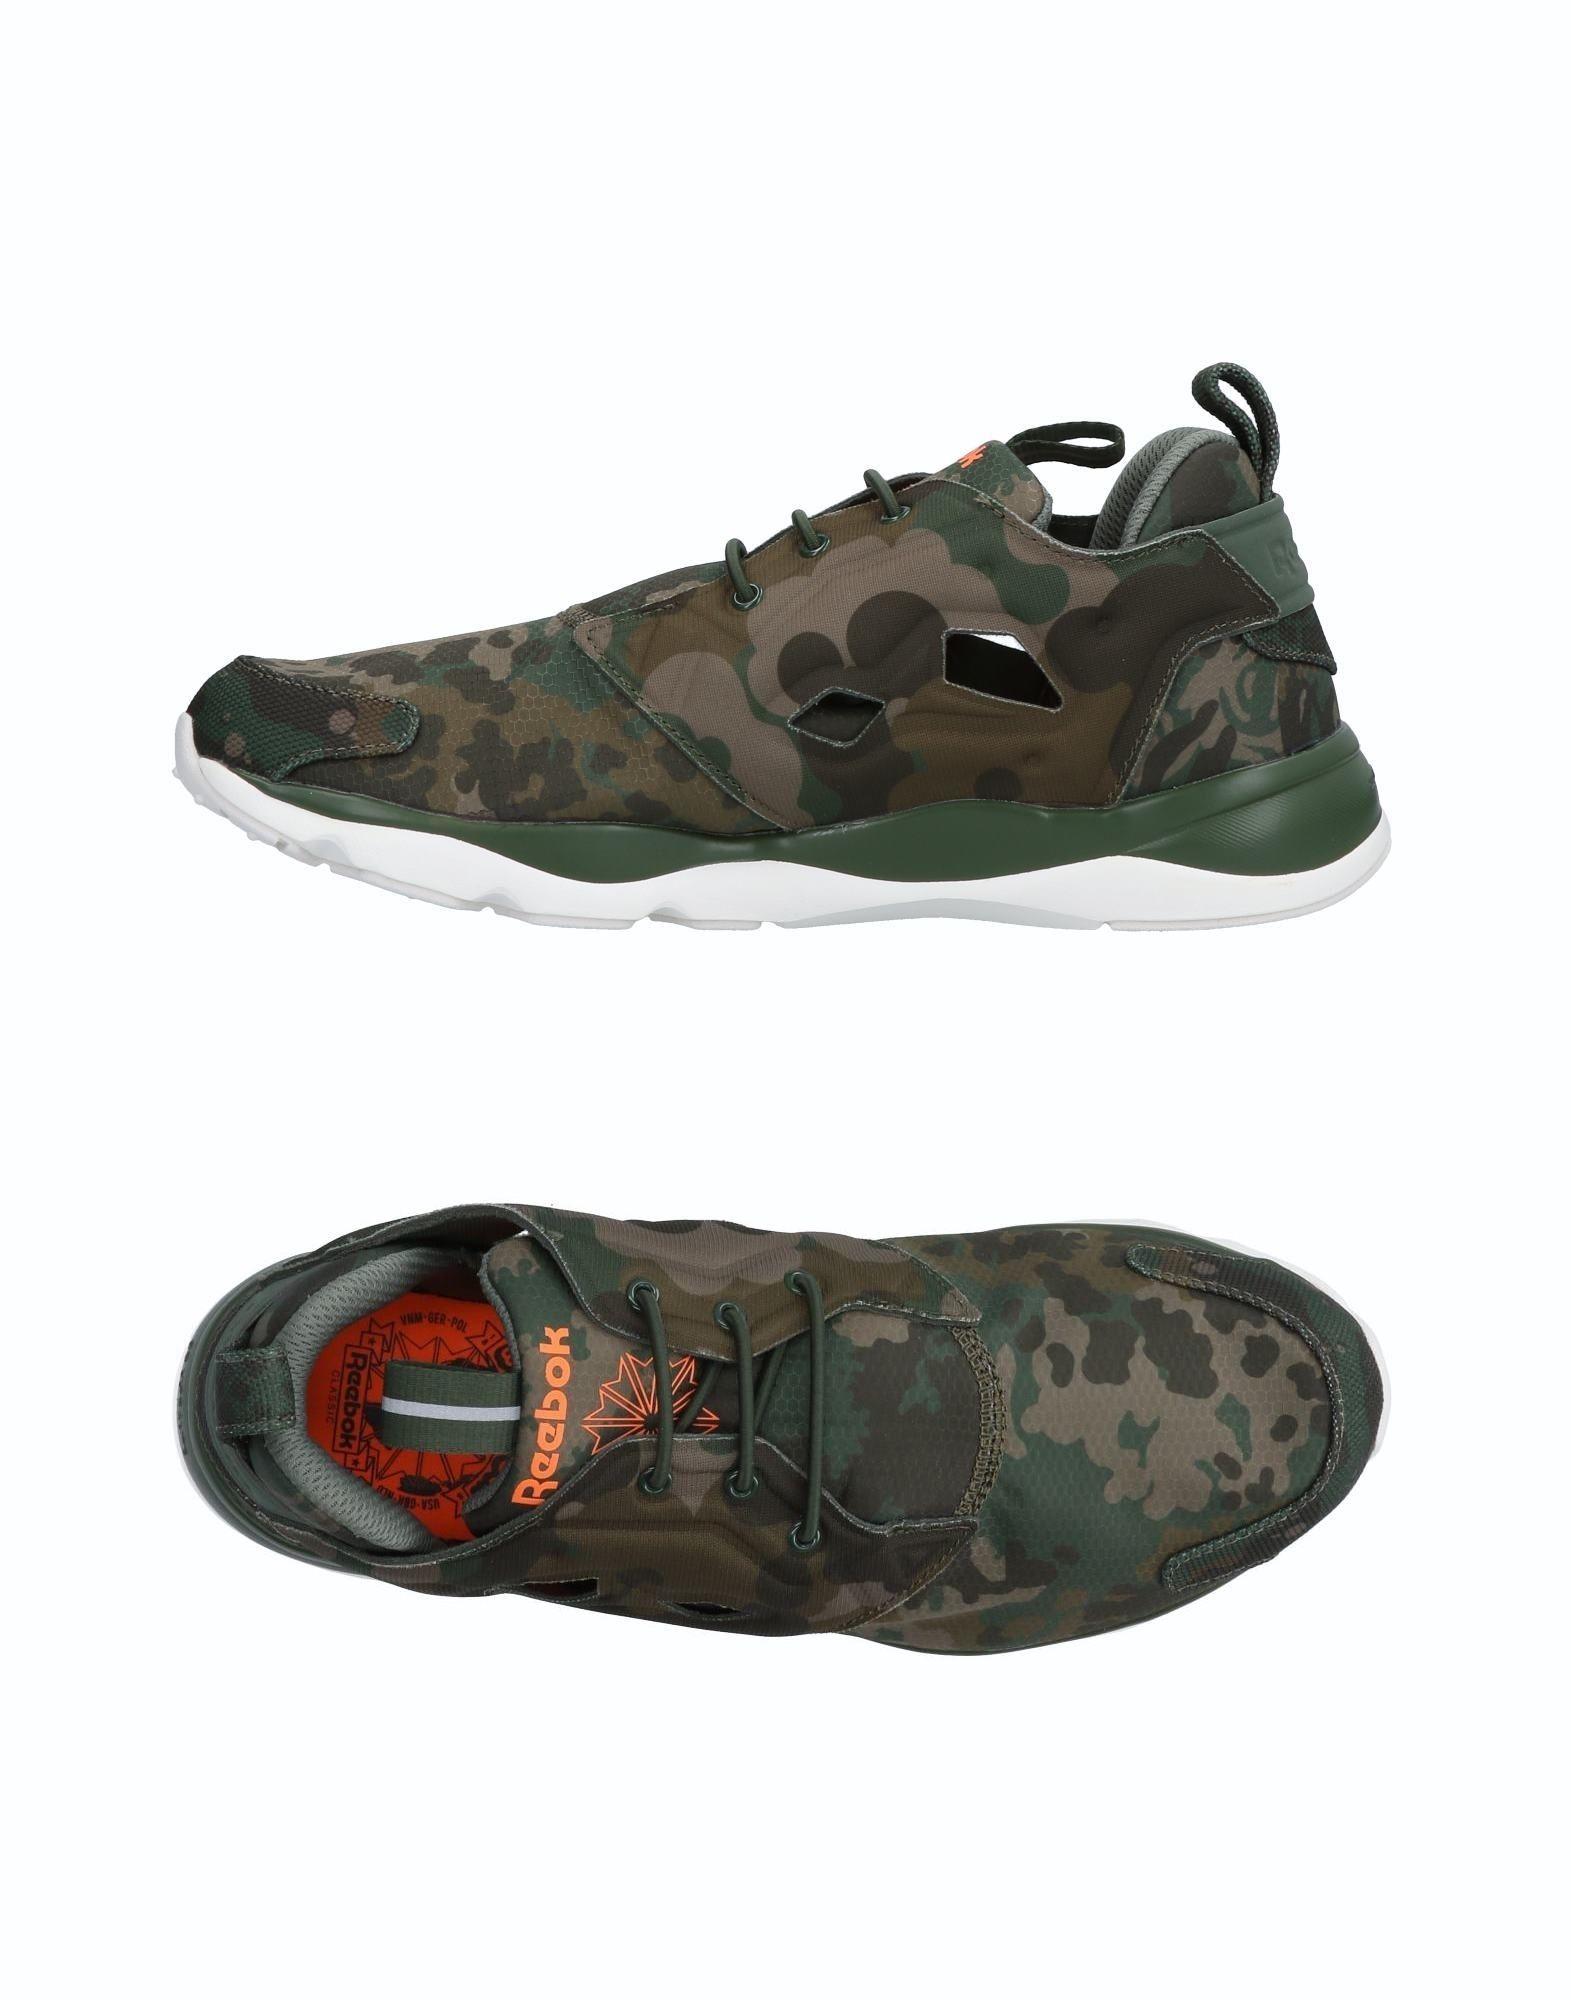 Reebok Sneakers Schuhe Herren  11505260UT Heiße Schuhe Sneakers 20abda